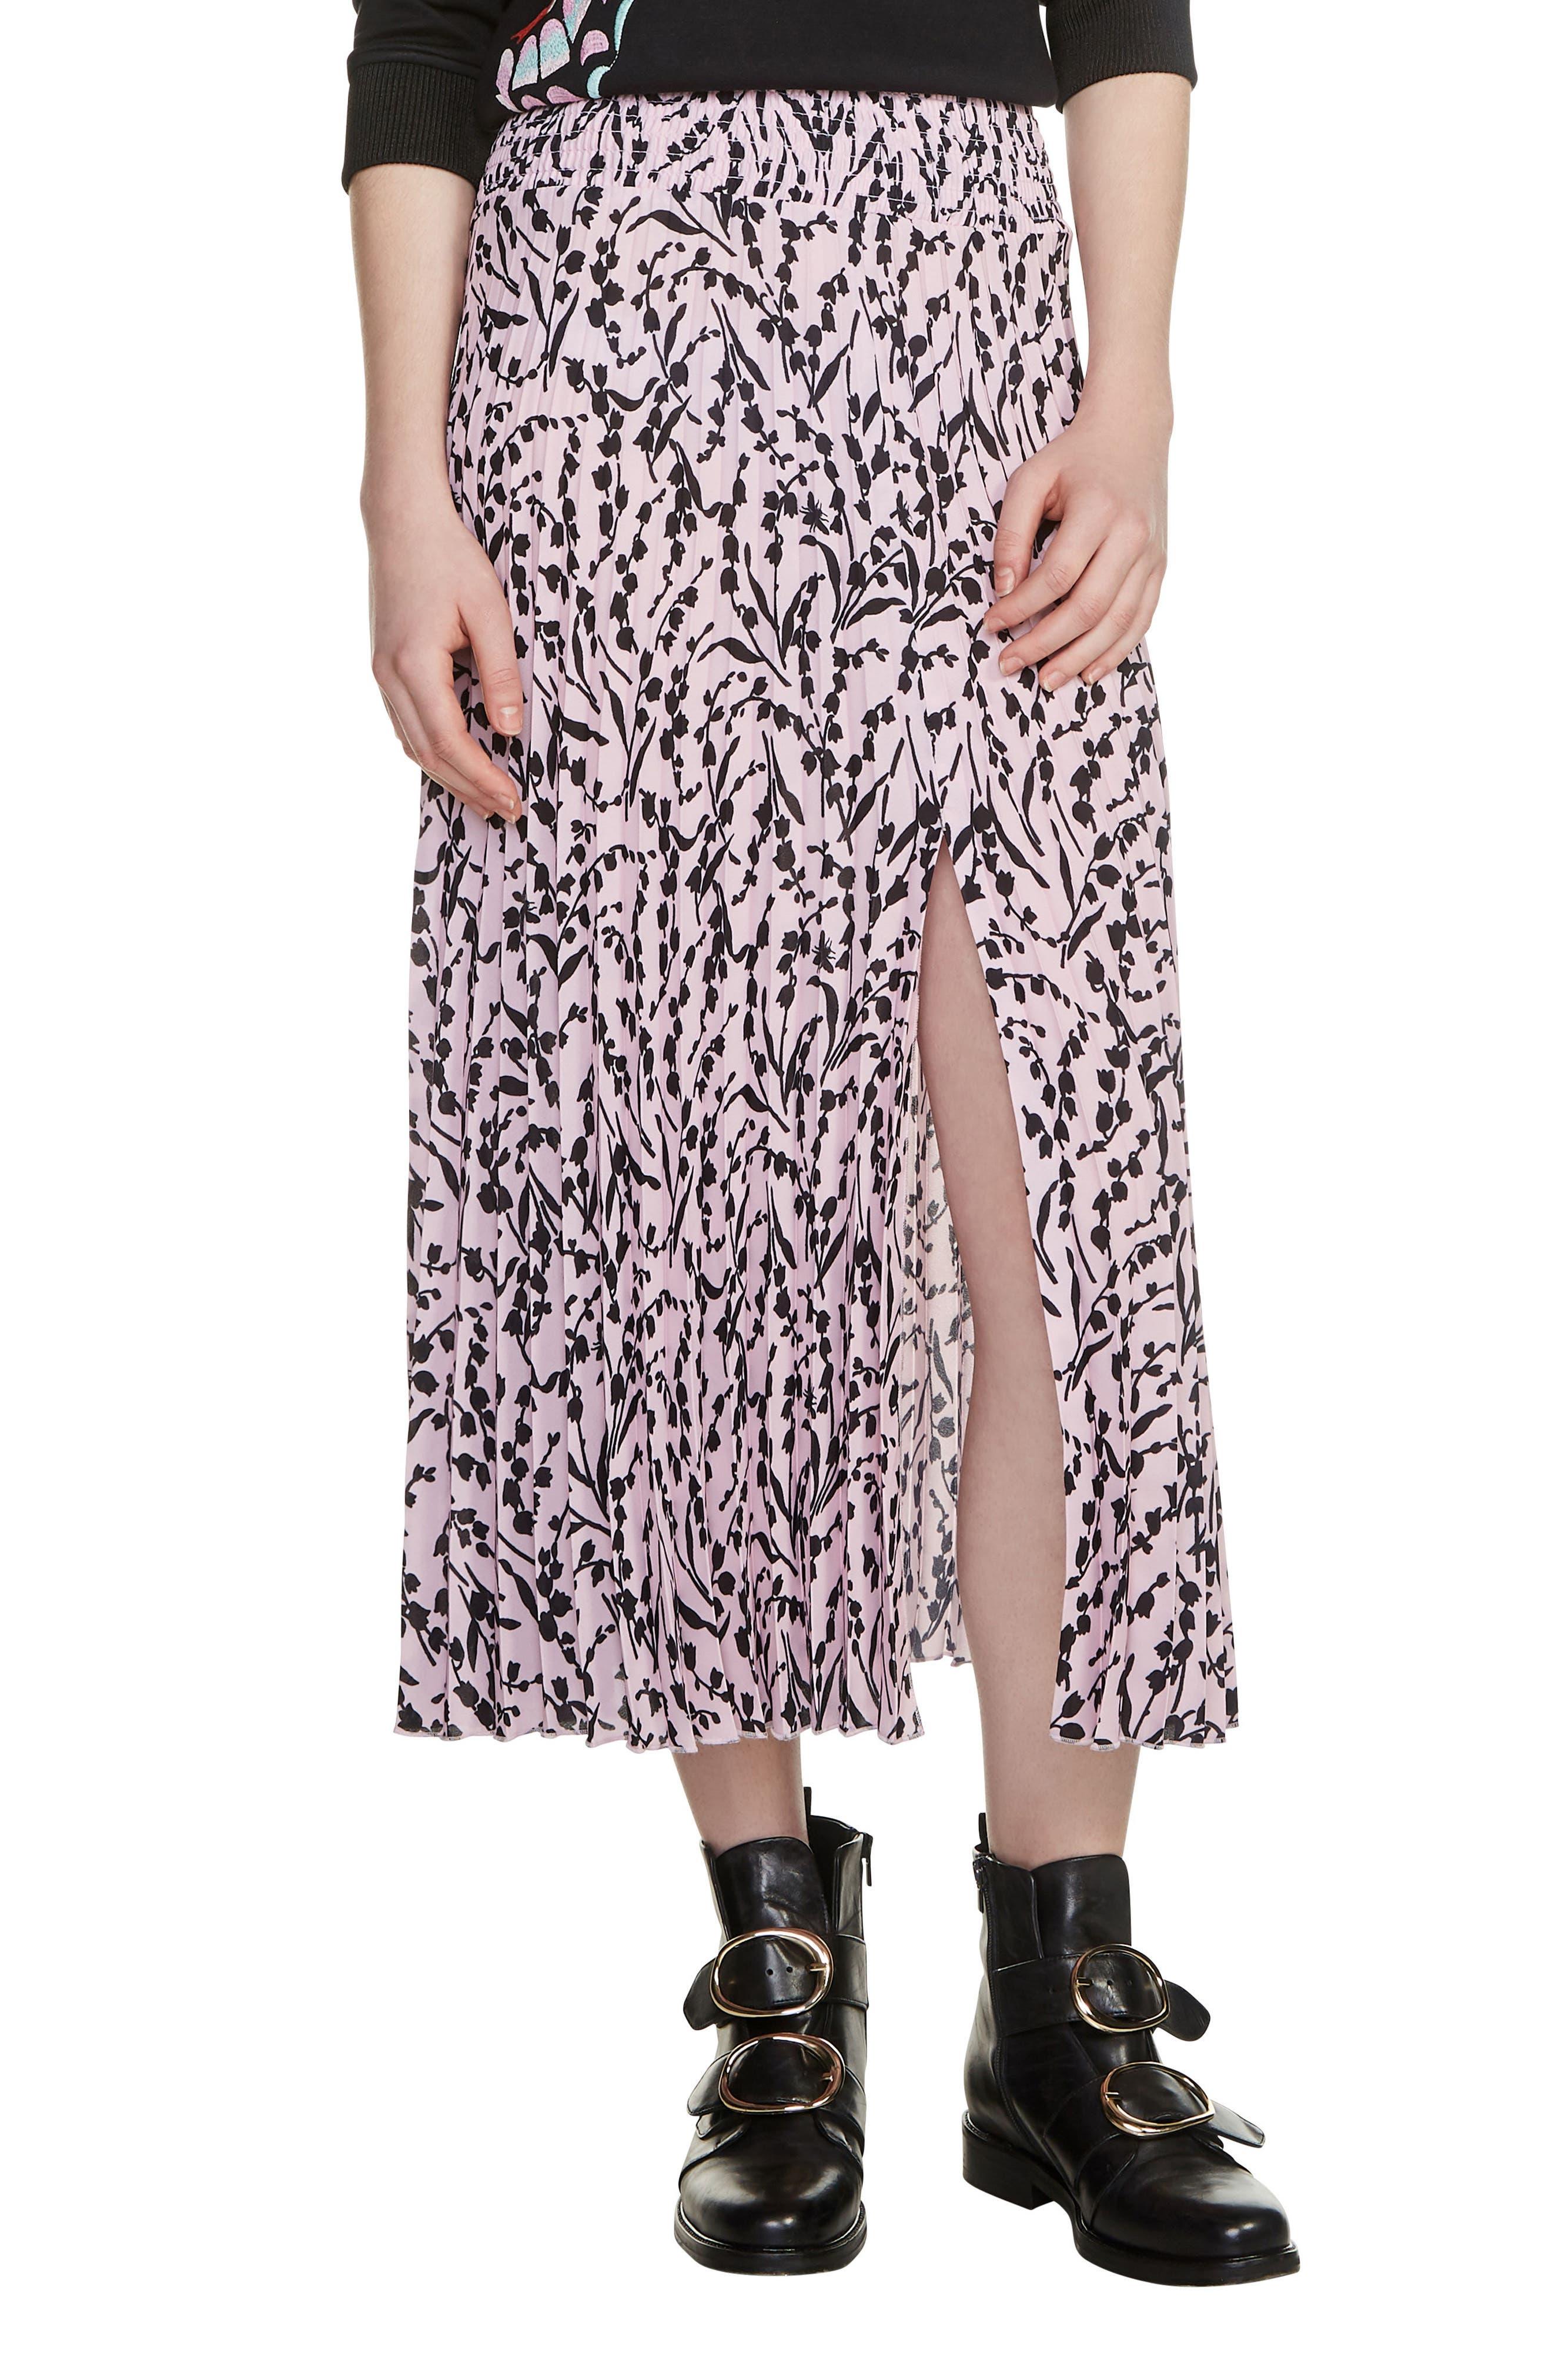 Javina Pleated Midi Skirt,                             Main thumbnail 1, color,                             Printed